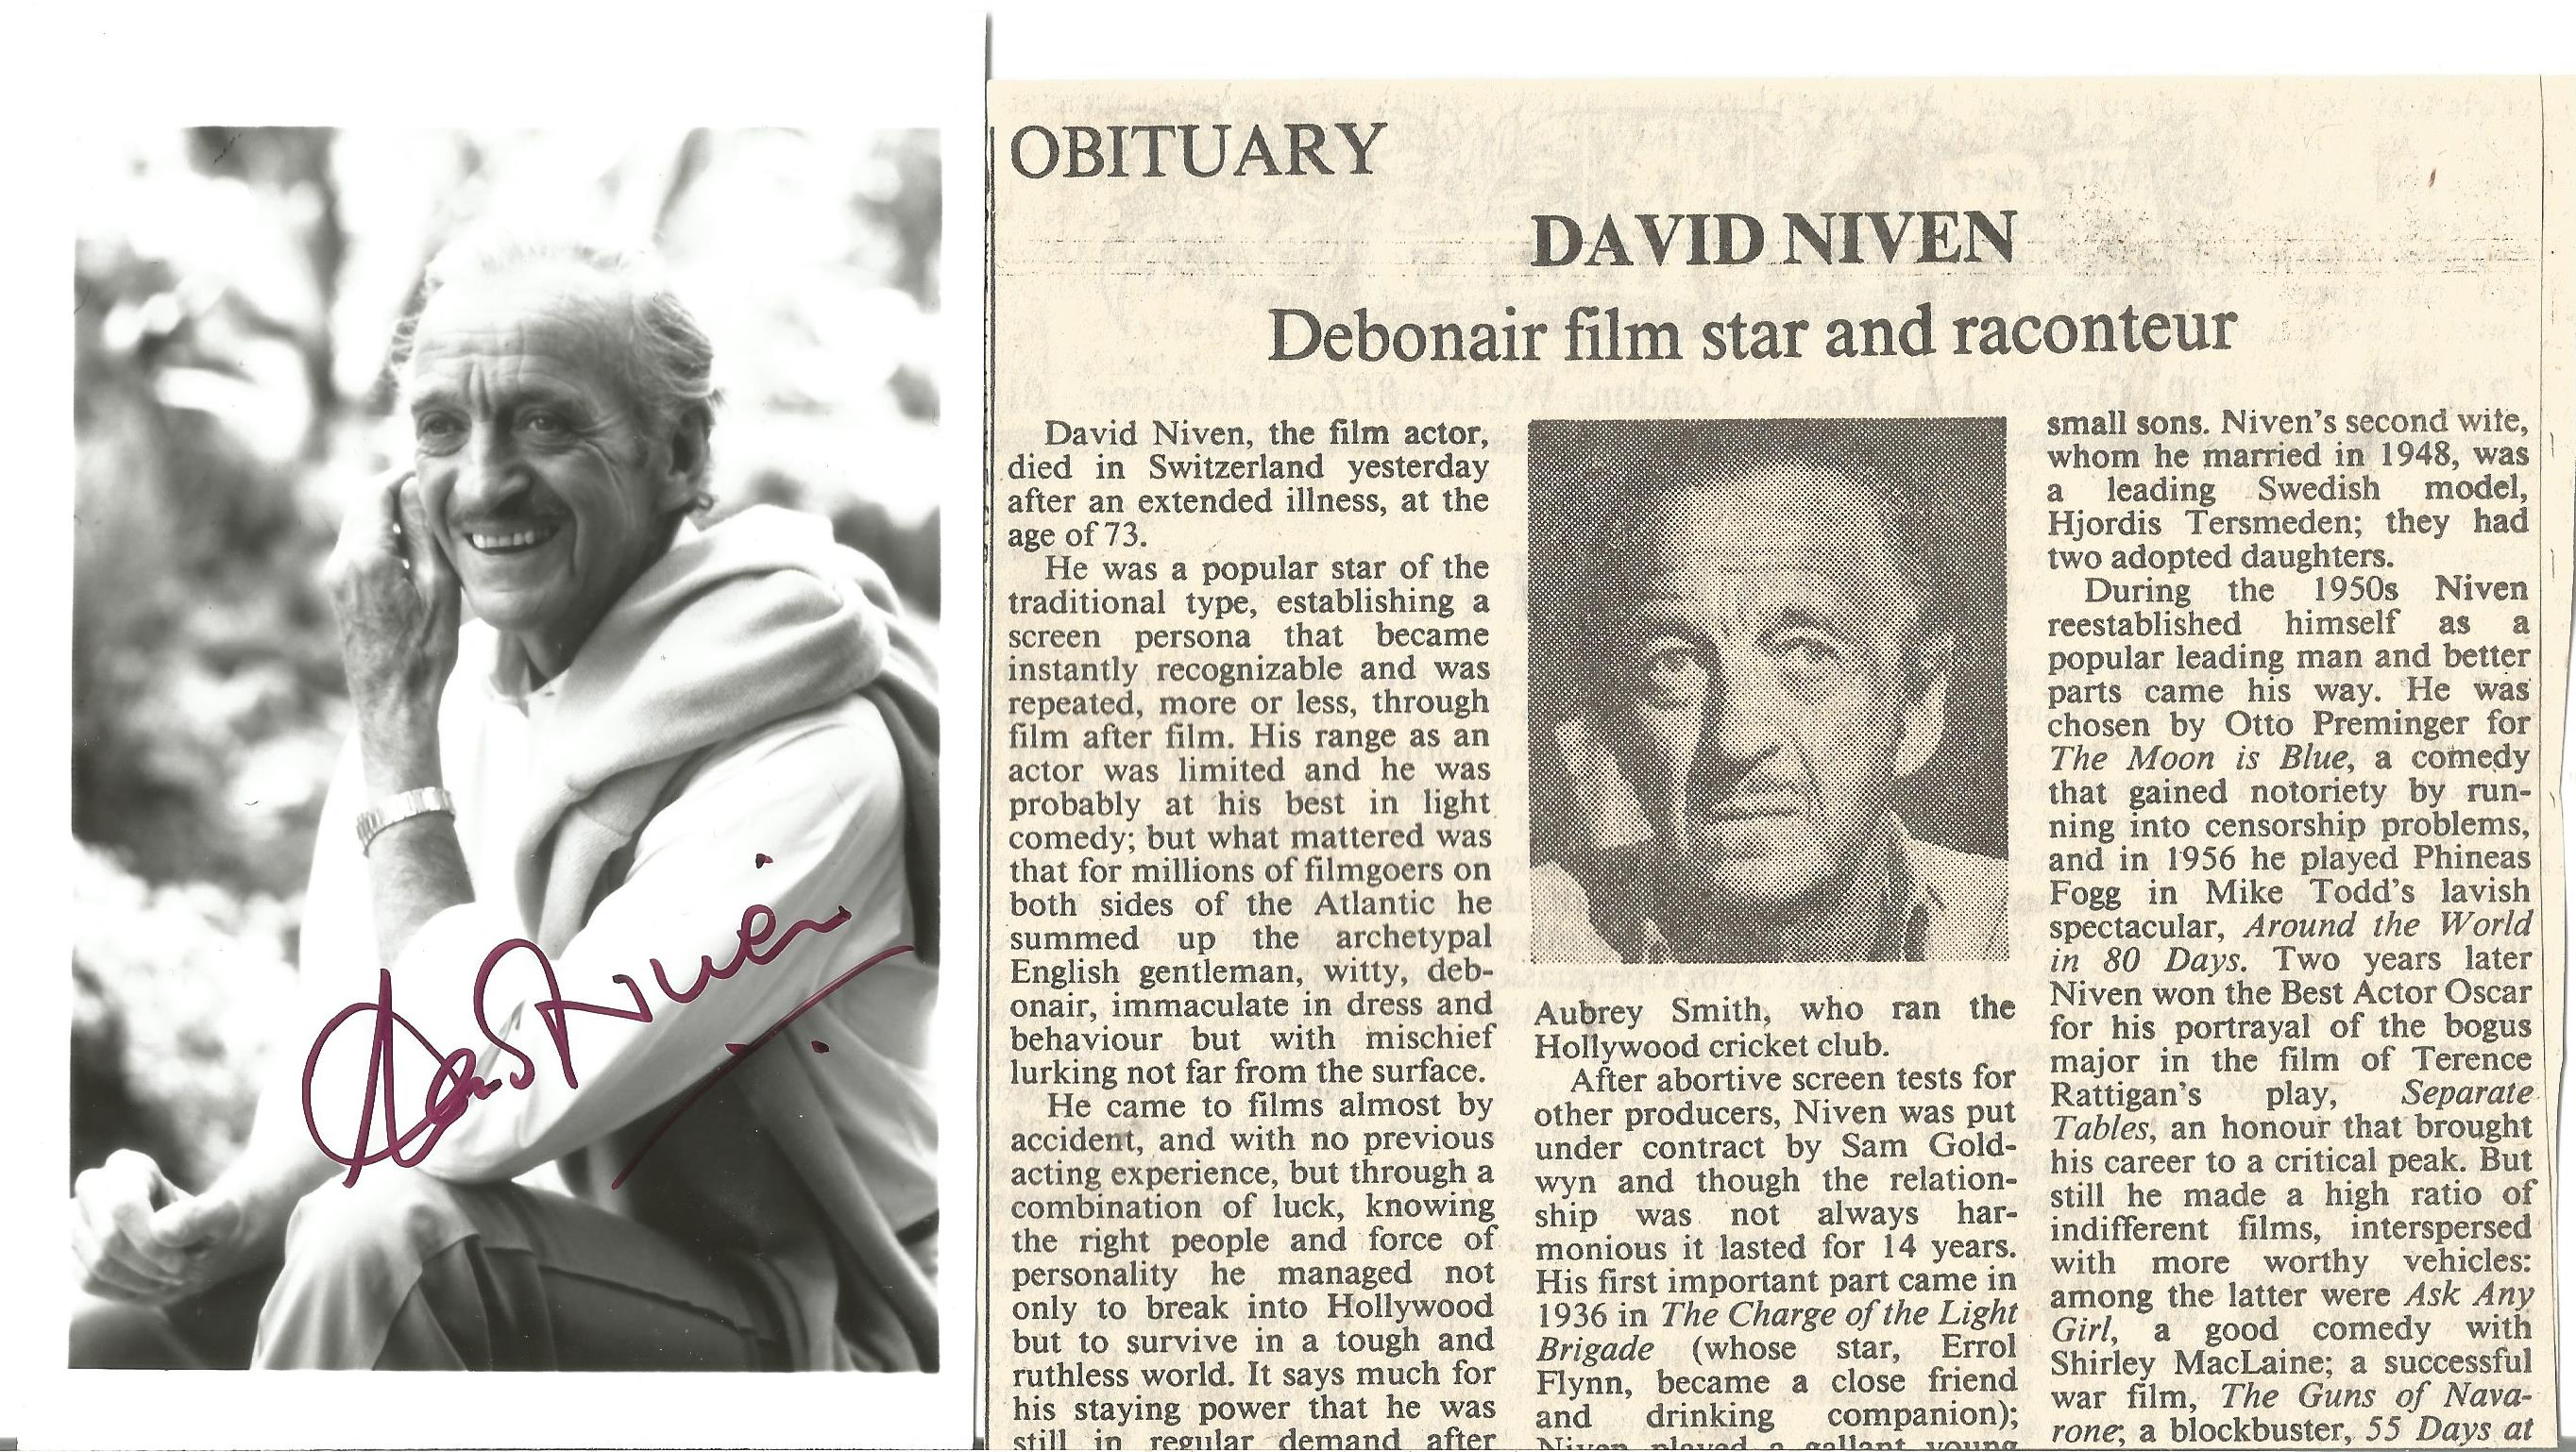 David Niven signed 5x3 black and white photo. James David Graham Niven (1 March 1910 - 29 July 1983)